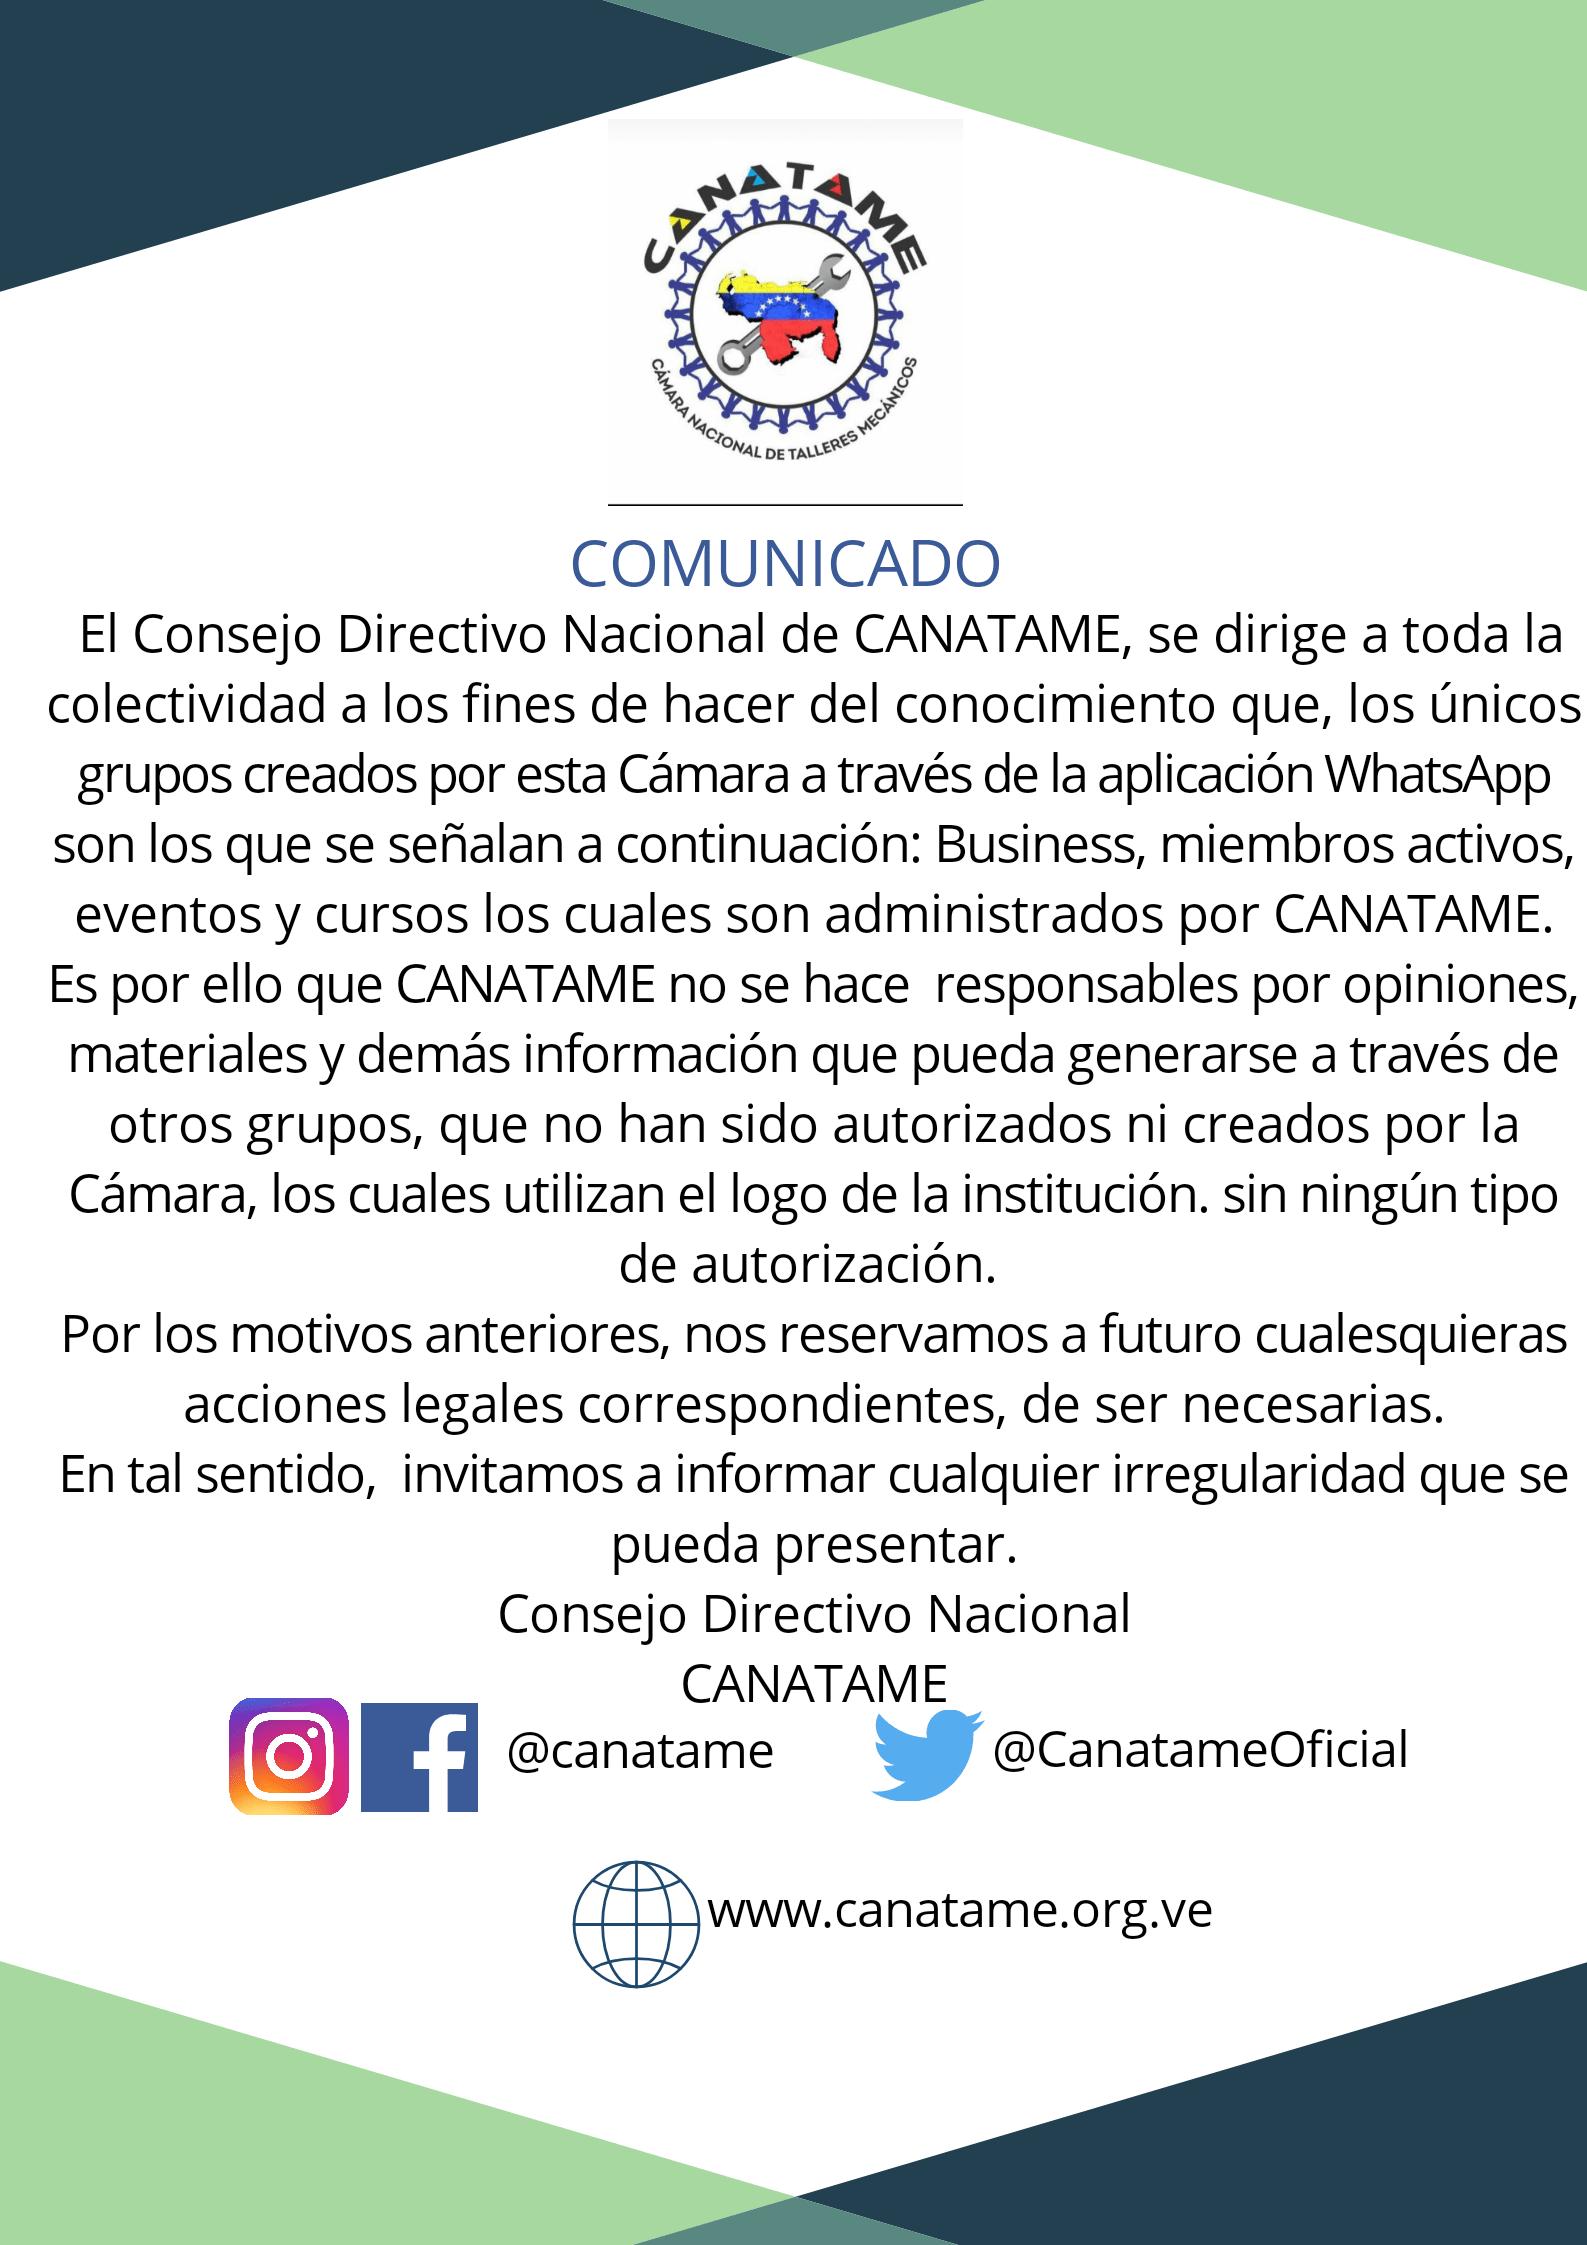 CANATAME EMITE COMUNICADO SOBRE GRUPOS DE WHATSAPP CON SU LOGO Y RAZÓN SOCIAL